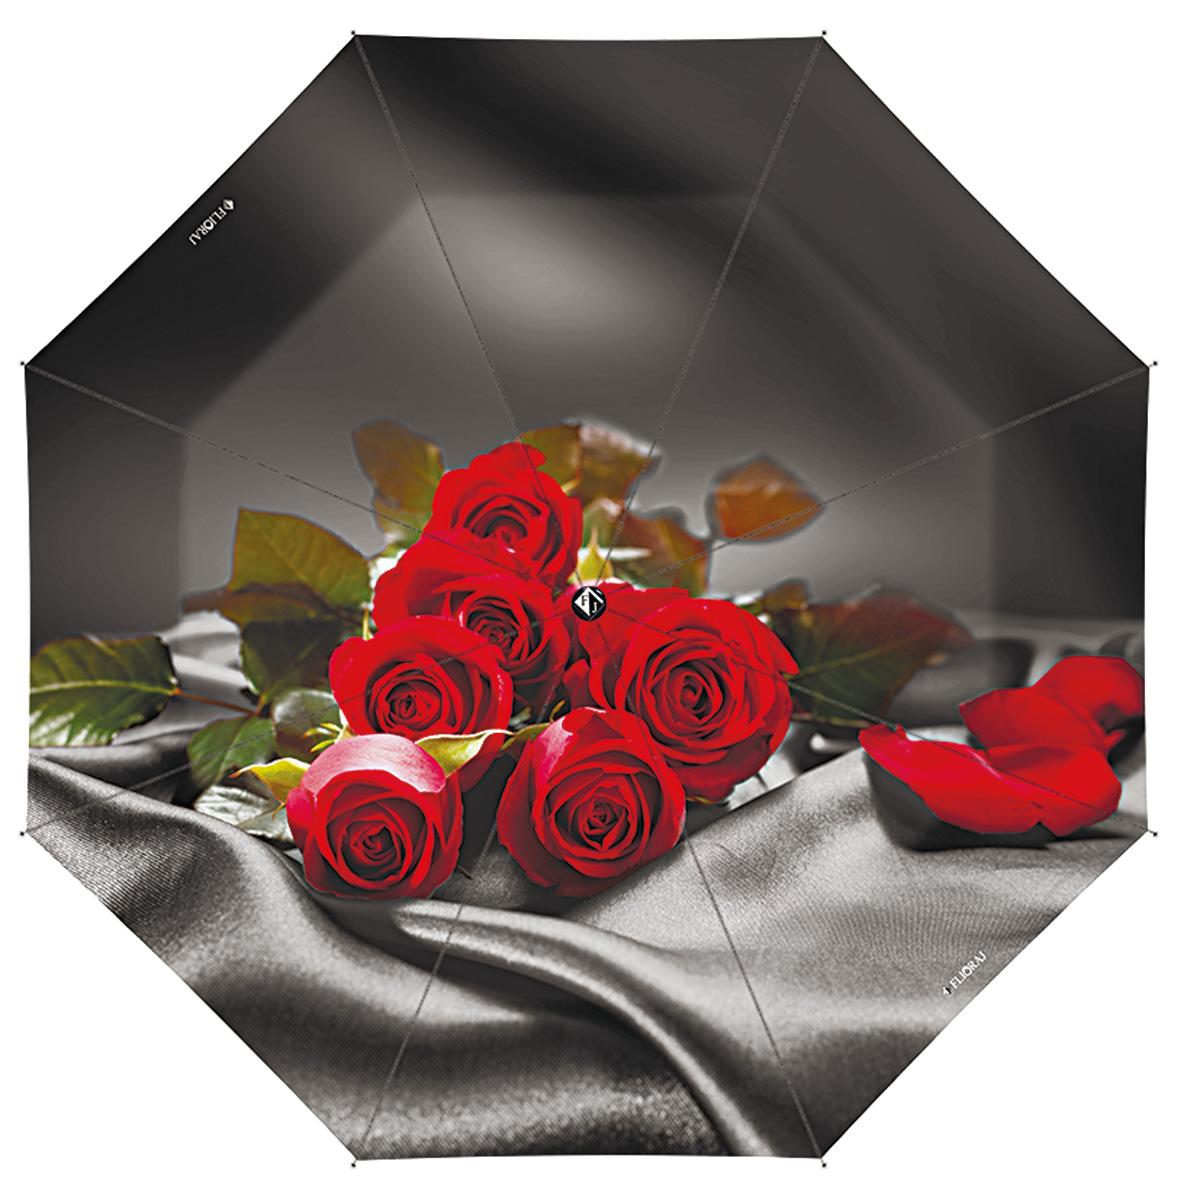 """Зонт женский Flioraj Цветочная рапсодия, автомат, 3 сложения, черный, красный231203 FJОчаровательный автоматический зонт Flioraj Цветочная рапсодия в 3 сложения отлично подойдет для ненастной погоды. """"Ветростойкий"""" каркас зонта, изготовленный из анодированной стали, состоит из восьми спиц и прочного стержня. Купол зонта с тефлоновой пропиткой выполнен из полиэстера и оформлен крупными цветами (розами). Модель оснащена рукояткой из пластика. Зонт имеет полный автоматический механизм сложения: купол открывается и закрывается нажатием кнопки на рукоятке, стержень складывается вручную до характерного щелчка. Благодаря этому открыть и закрыть зонт можно одной рукой, что чрезвычайно удобно при входе в транспорт или помещение. Небольшой шнурок, расположенный на рукоятке, позволяет надеть изделие на руку при необходимости. Модель закрывается при помощи хлястика на кнопке. Такой зонт не только надежно защитит вас от дождя, но и станет стильным аксессуаром, который идеально подчеркнет ваш неповторимый образ."""